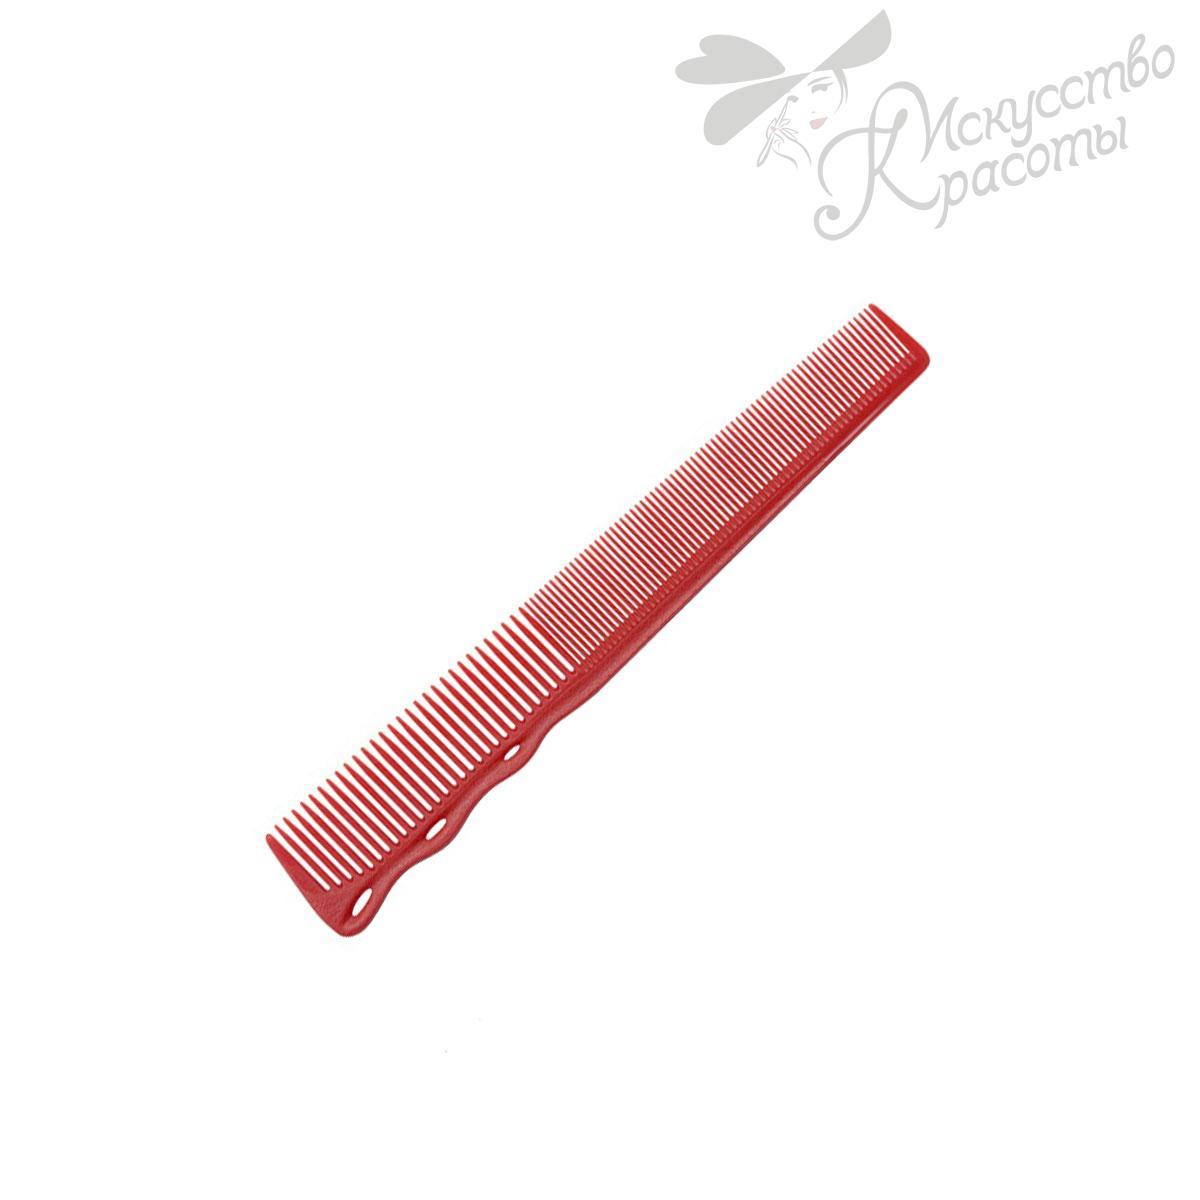 Расческа для стрижки 252 red Y.S. Park